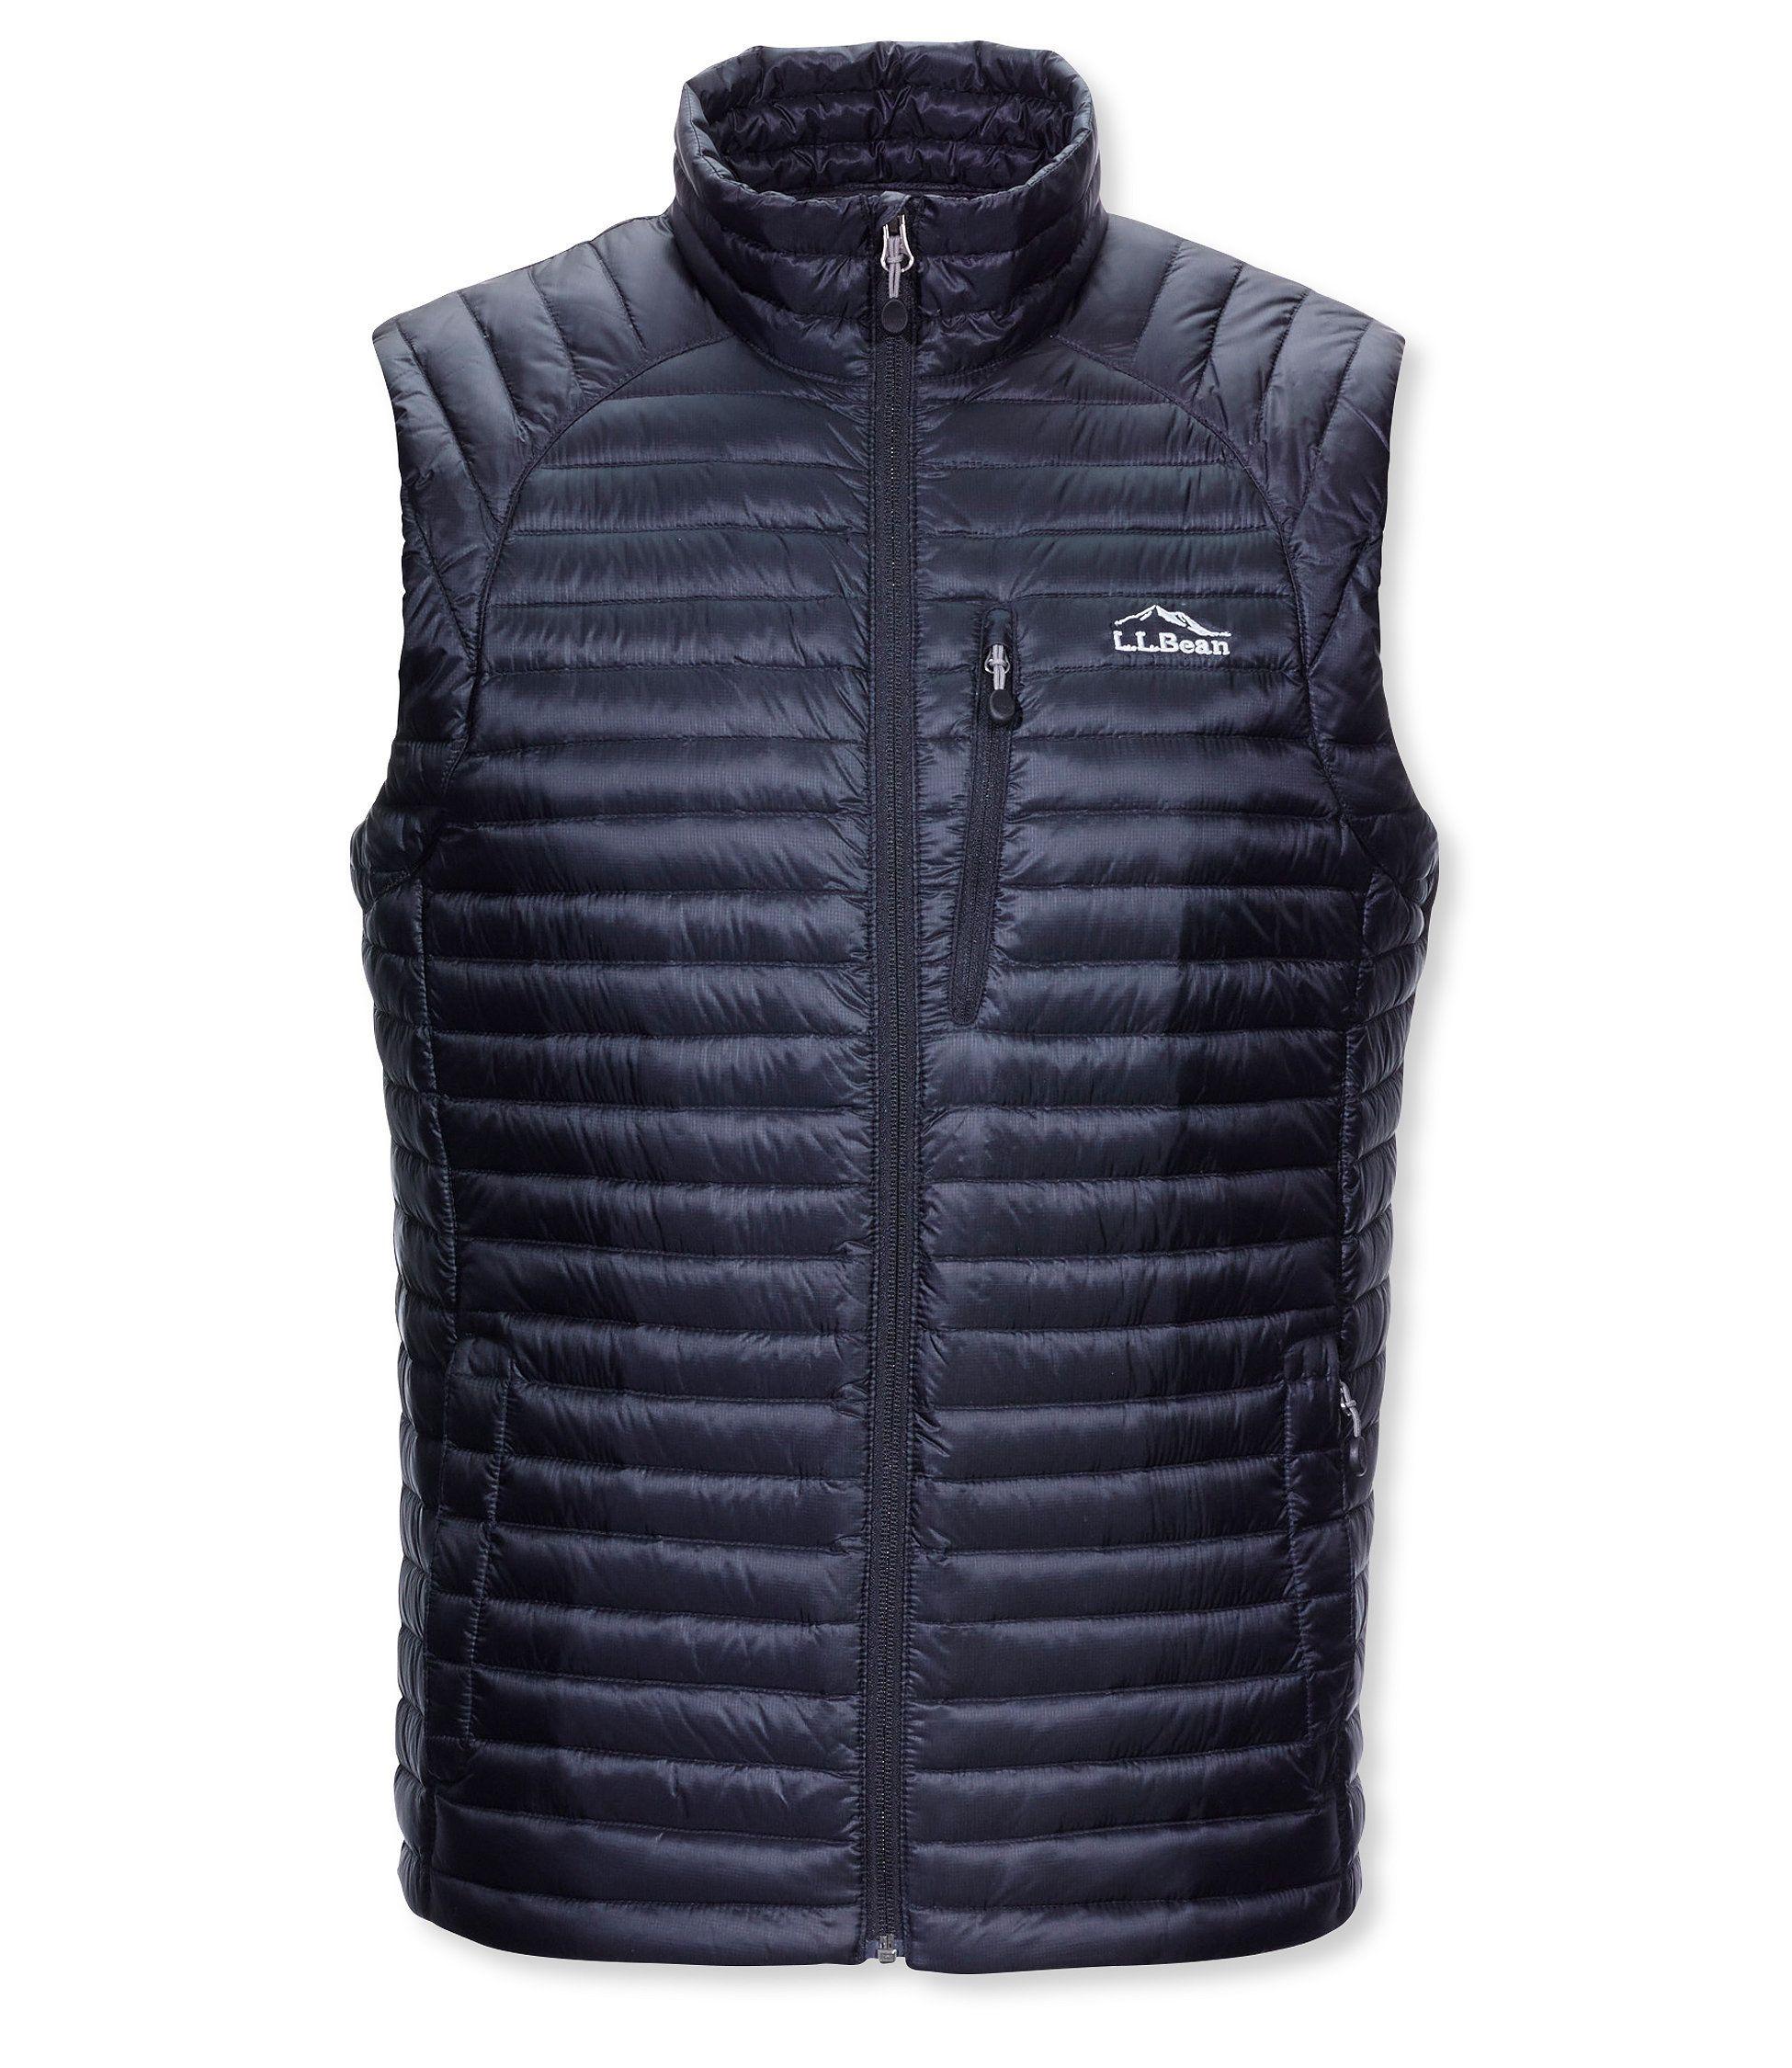 Ultralight 850 Down Sweater Vest | Cardigans For Men | Pinterest ...